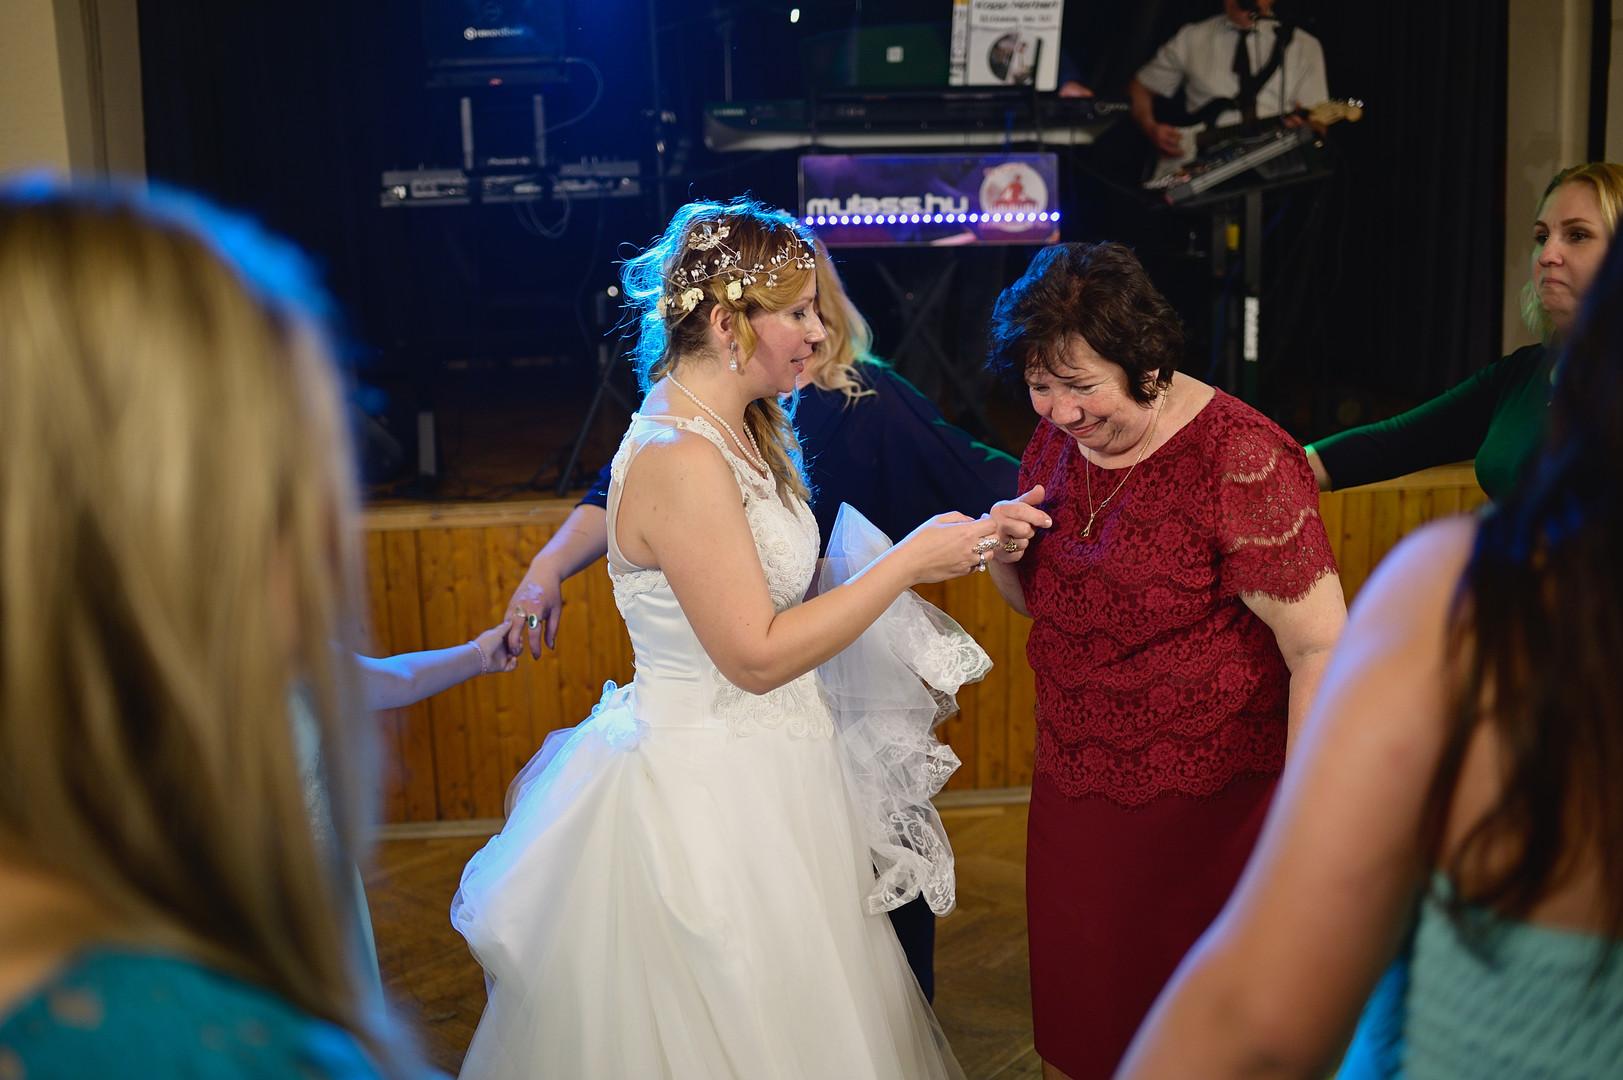 683  Esküvői fotózás - Enikő és Peti Bul